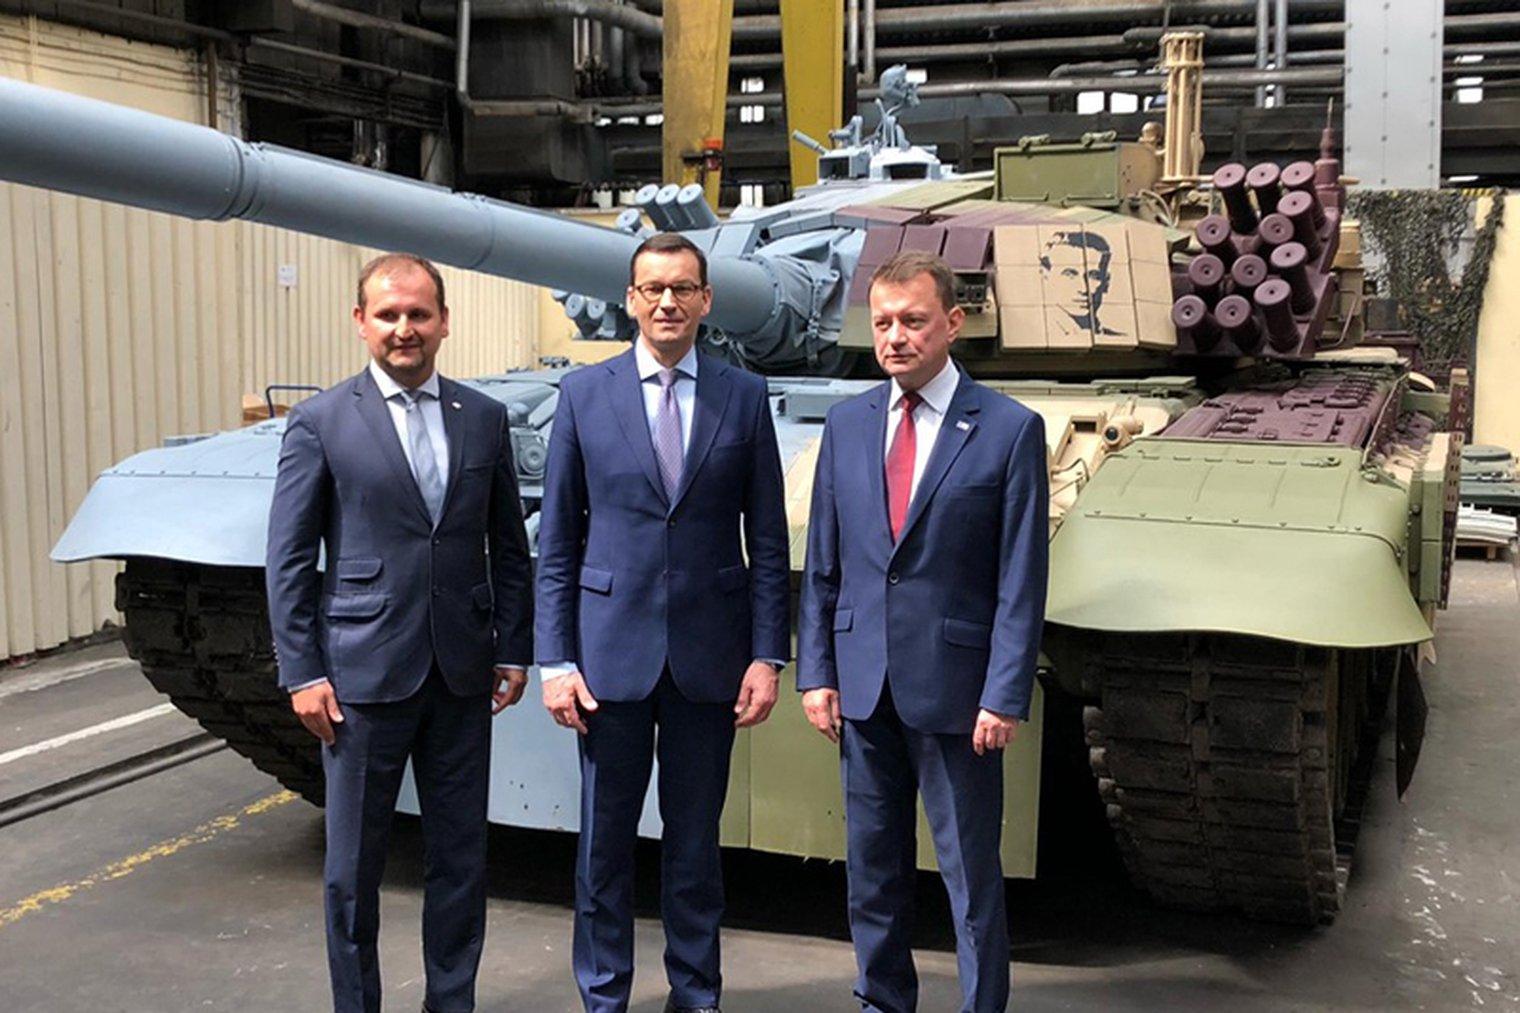 بولندا لتحديث دباباتها نوع T-72 بقيمه 450 مليون دولار 5b8c061b28a68a893d908c451f13b58a